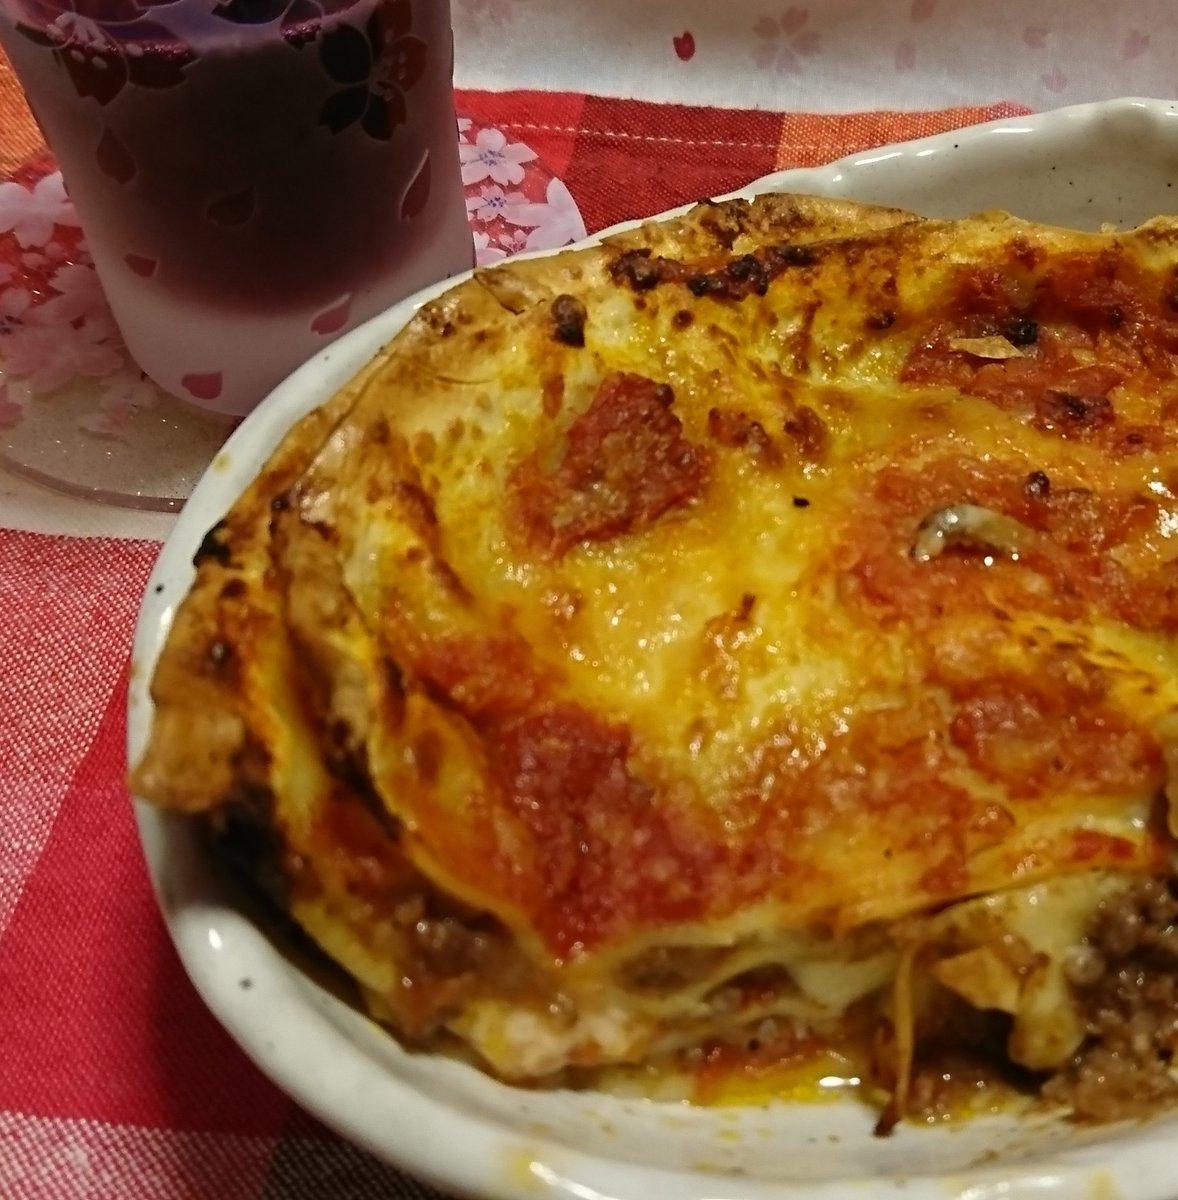 お取り寄せしたペスカトーレさん(@tairantooo)のラザーニャ。冷凍で届いて、解凍して焼くだけ✨美味しい。゚(゚´Д`゚)゚。丁寧な食べ方までついてて、ありがたいです。